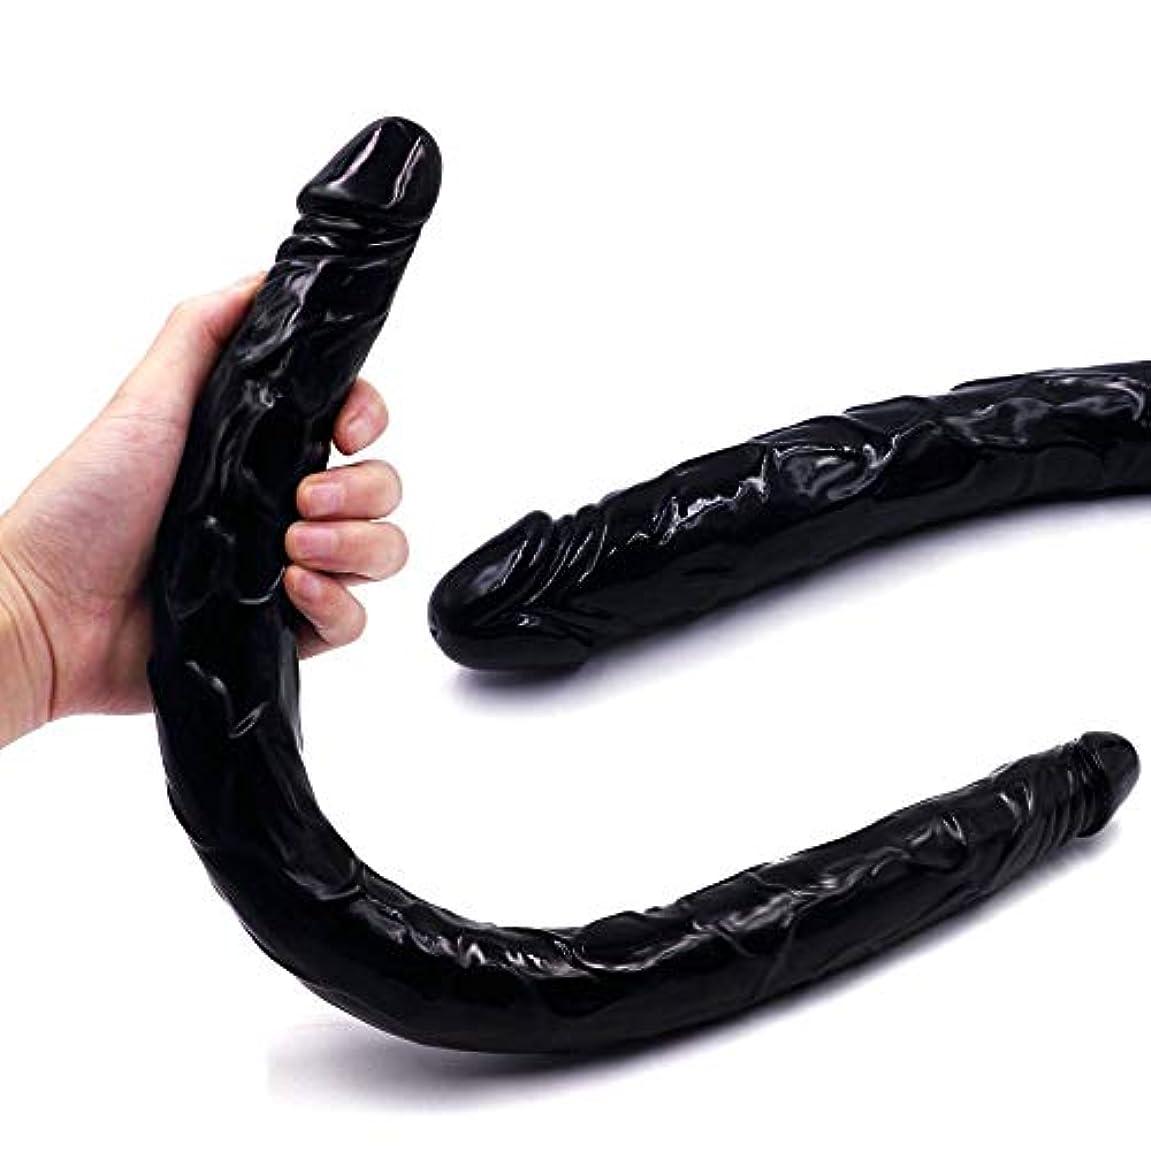 十年指標サーキュレーションペニス 21.56インチの超長い二重ヘッドボディは女性のためのマッサージャーの大きいマッサージの細い棒のおもちゃを緩めます マッサージャー